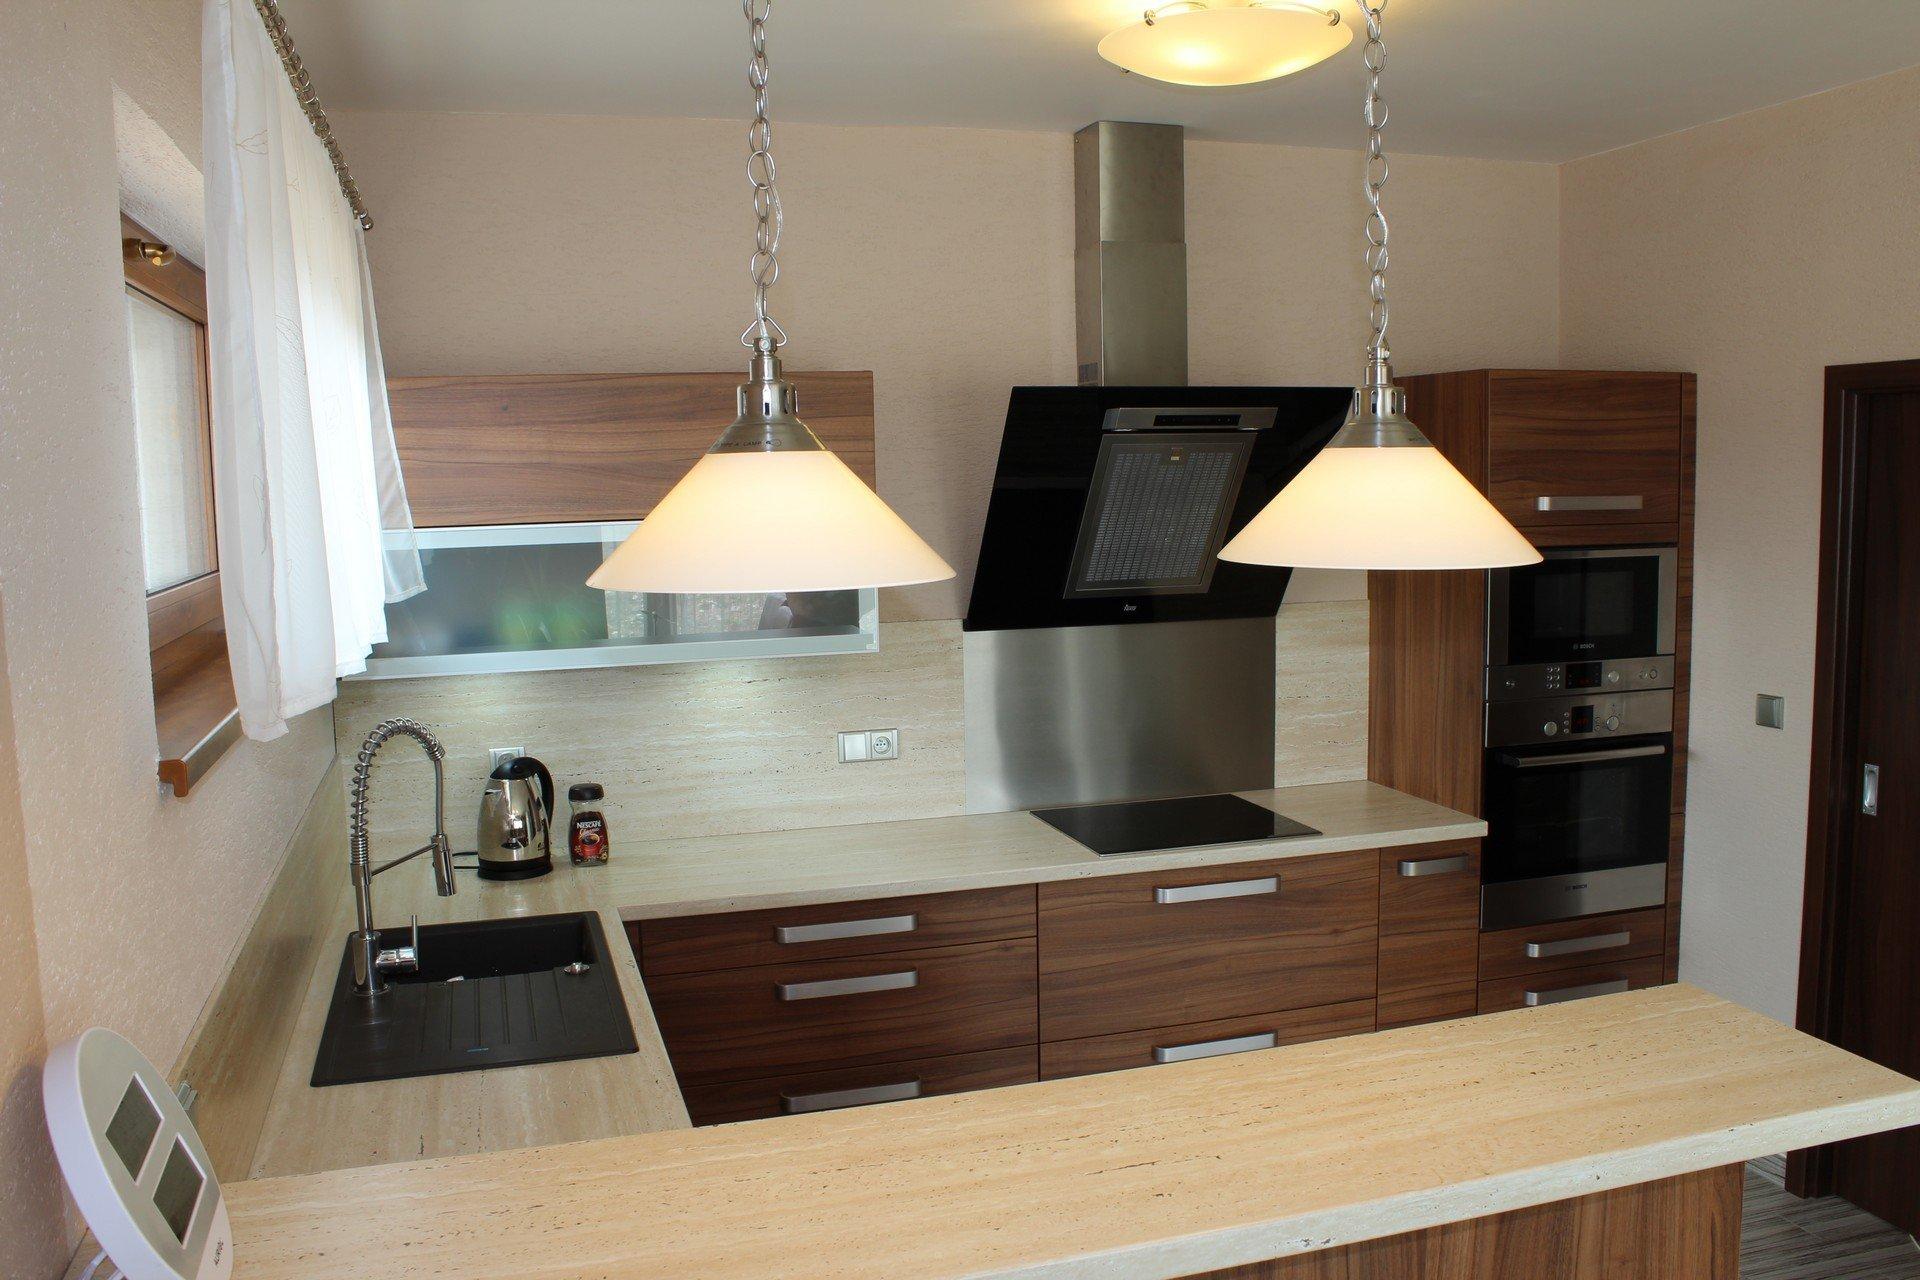 Elegantní kuchyně z lamina s velice pěknou barevnou kompozicí.